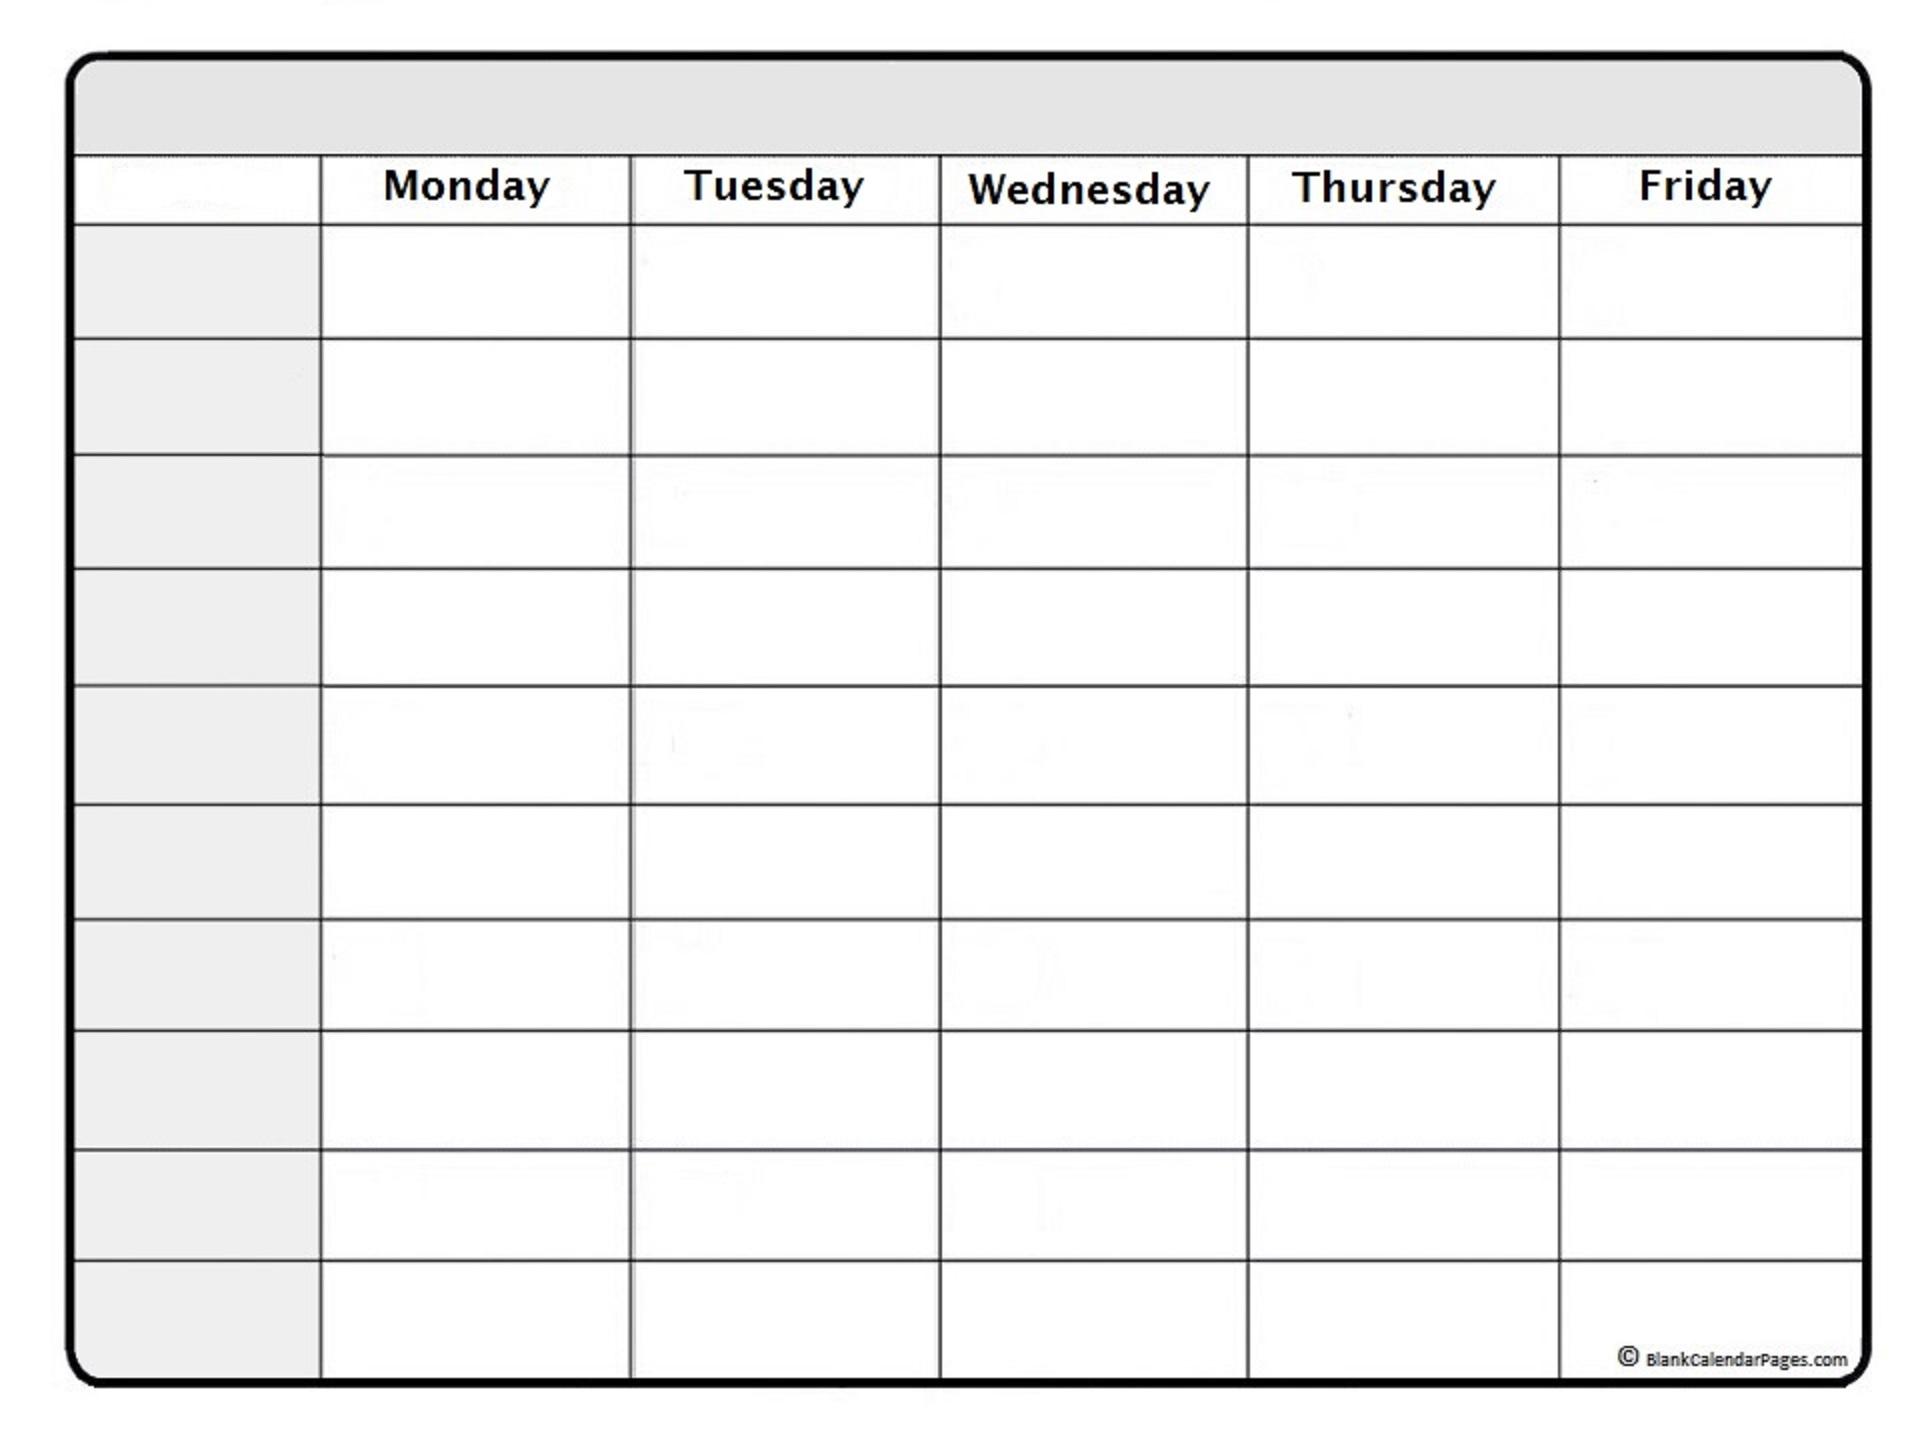 July 2018 weekly calendar July 2018 weekly calendar template - printable weekly calendar